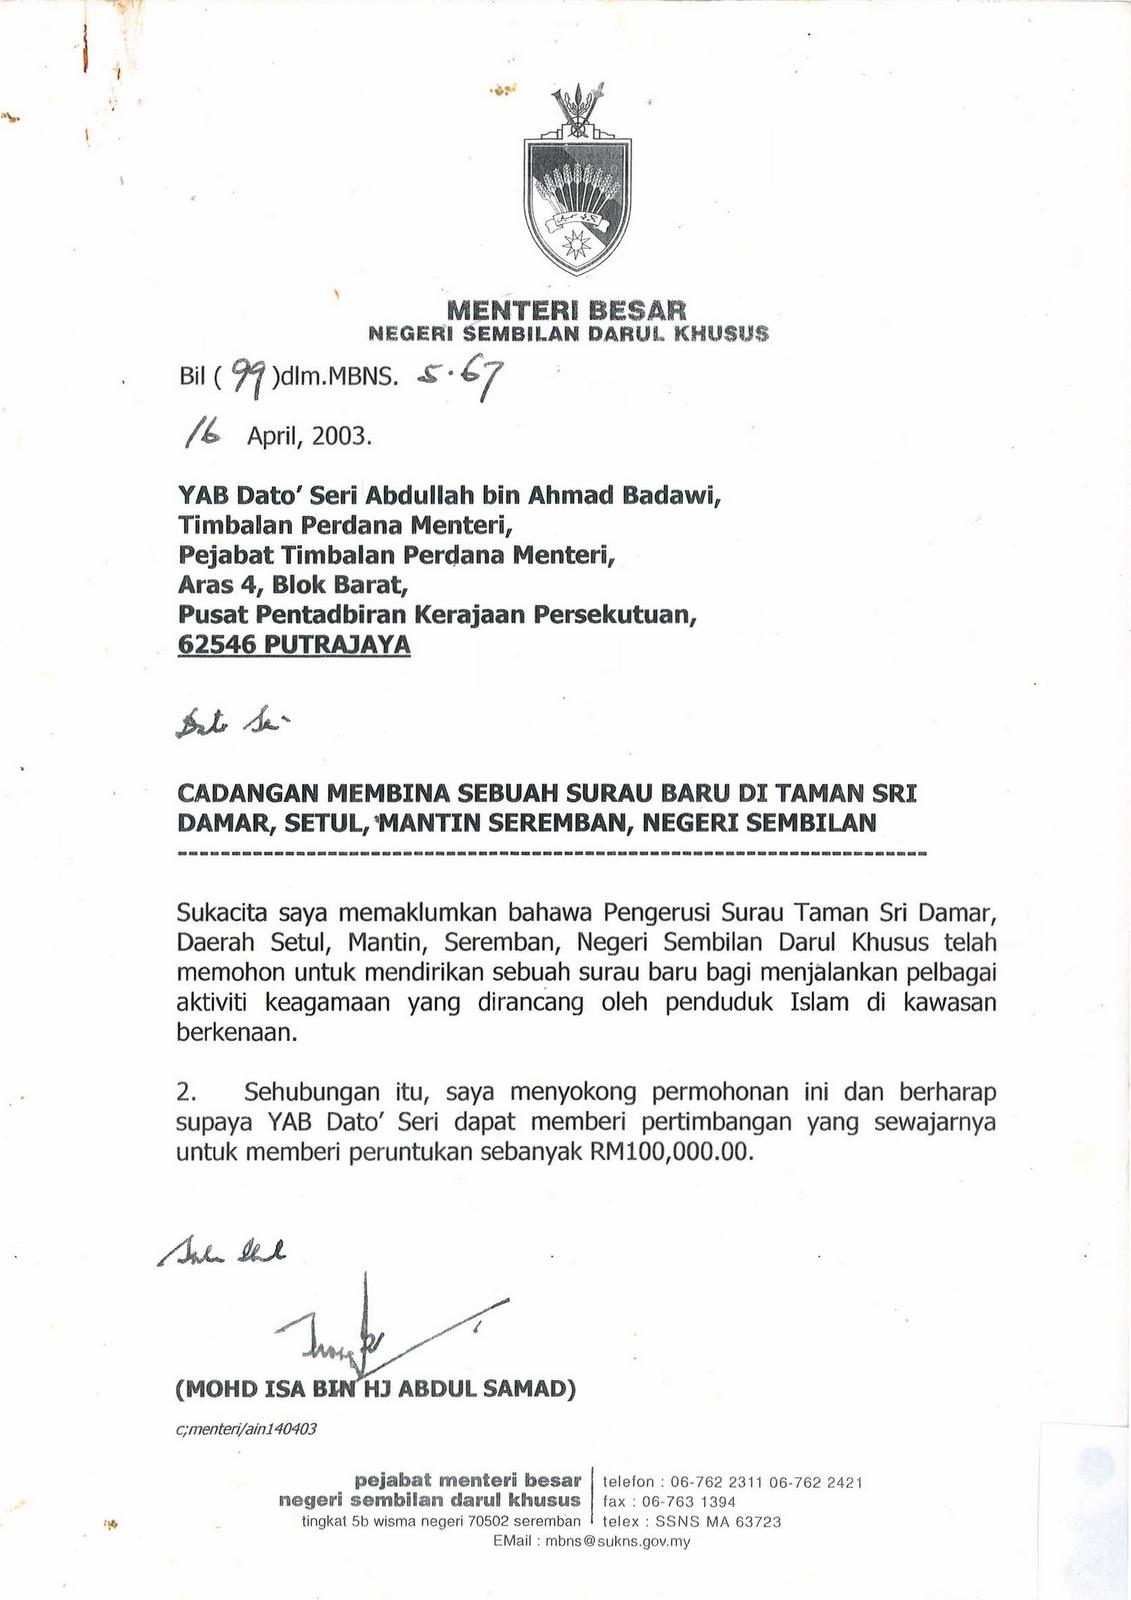 Surat Rasmi Kepada Menteri Besar Perak Crv Turbin